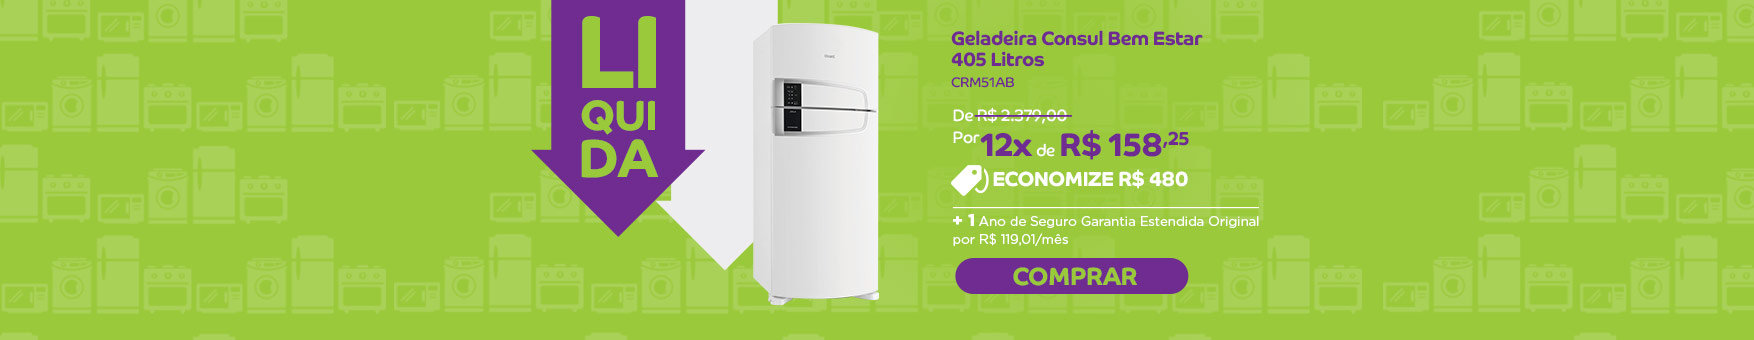 Promoção Interna - 185 - liquida_crm51ab_home_31072015 - crm51ab - 4